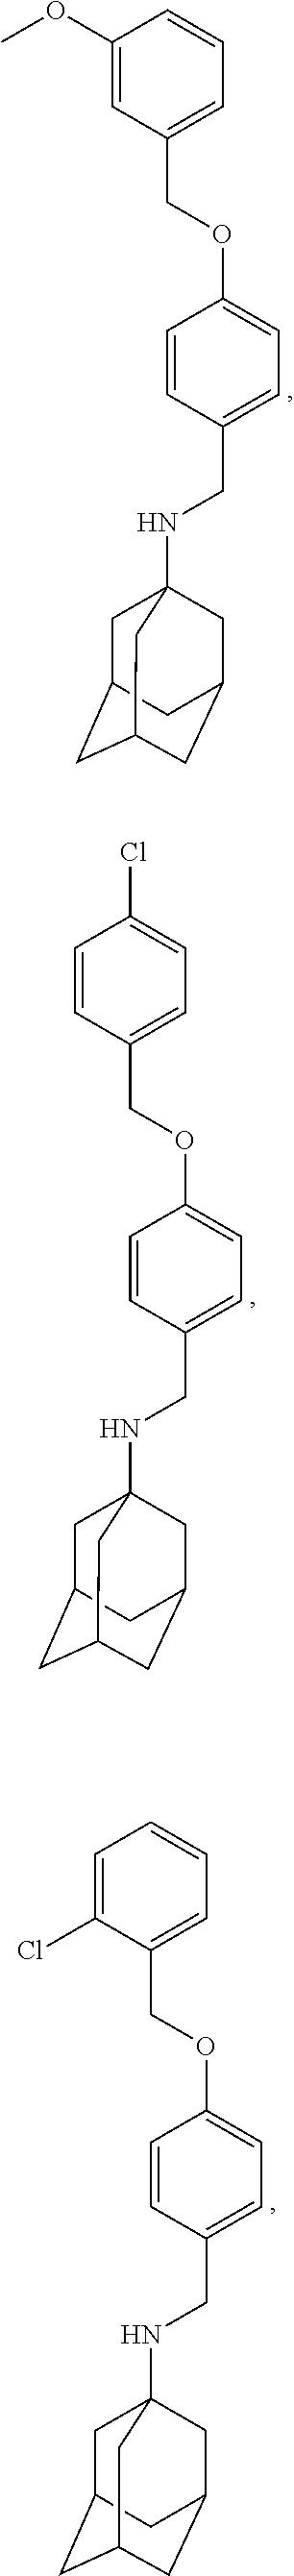 Figure US09884832-20180206-C00130